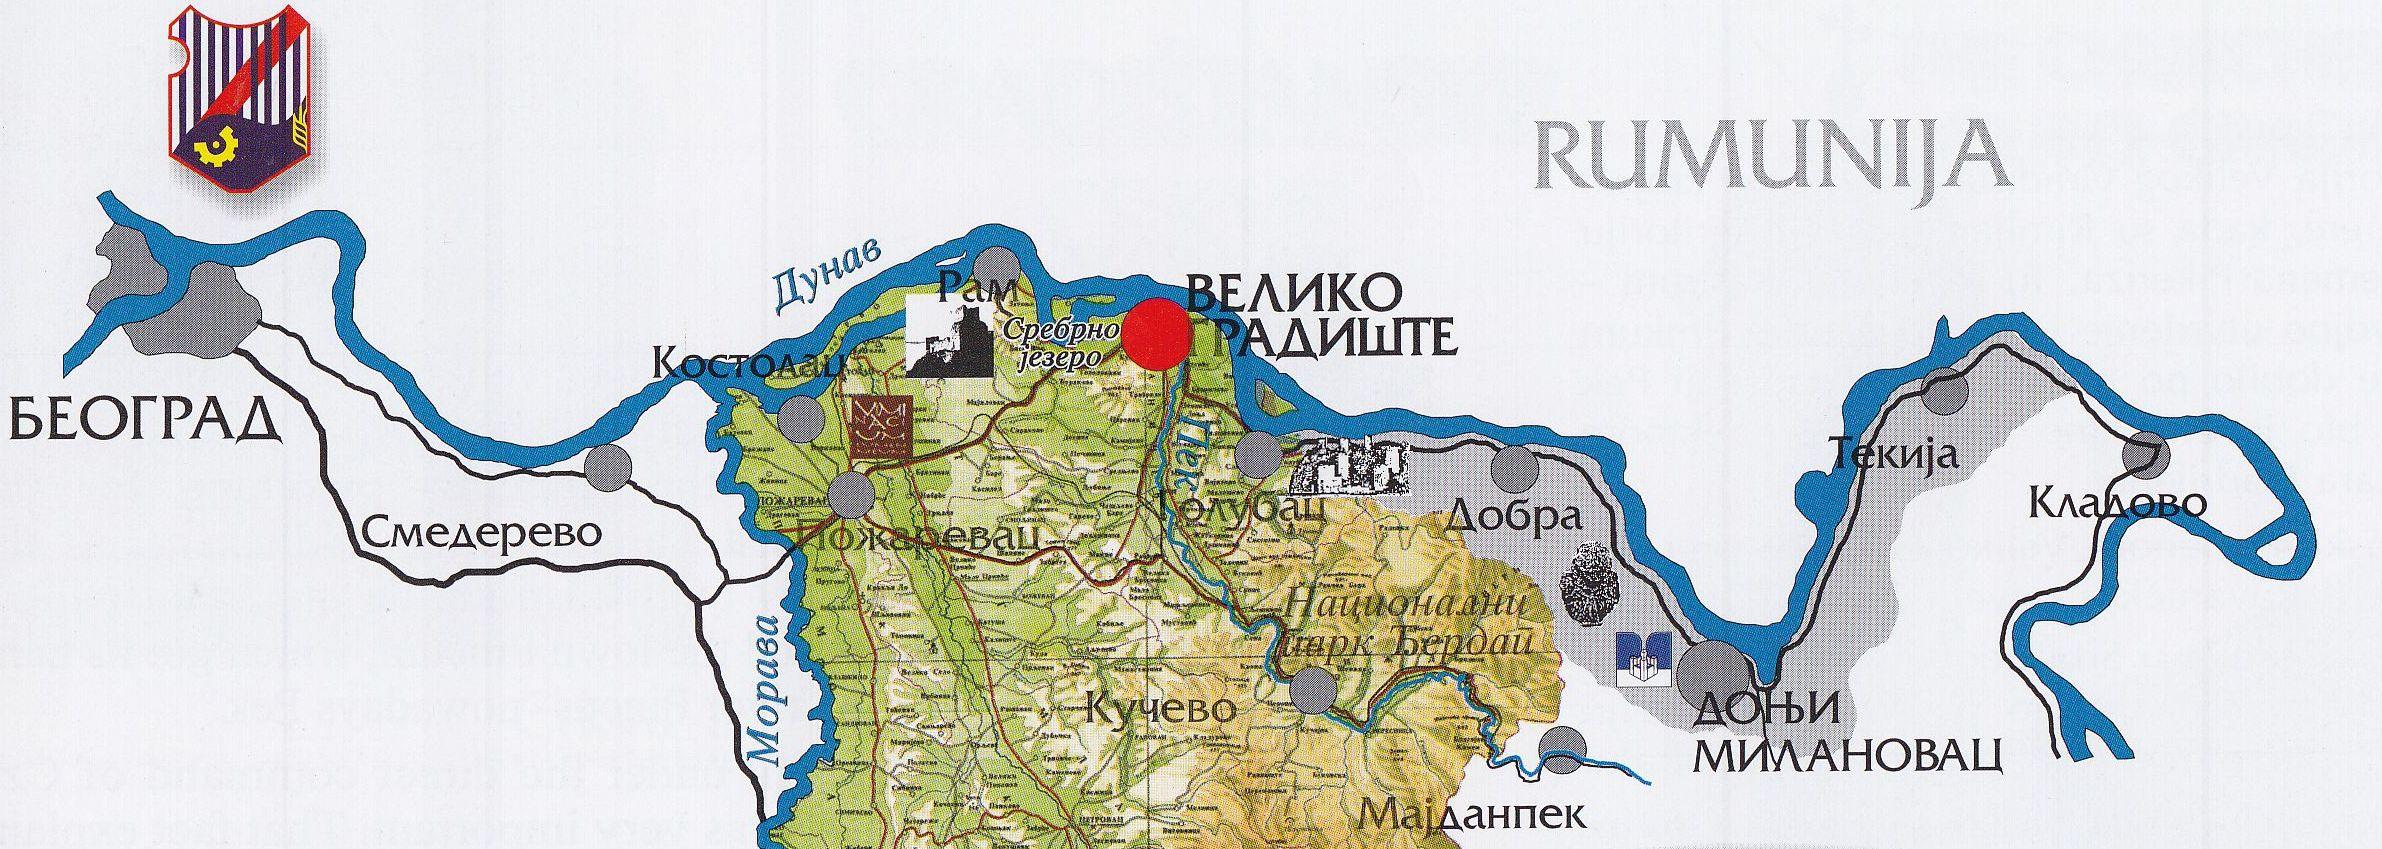 Opshti Podaci I Lokaciјa Opshtina Veliko Gradishte